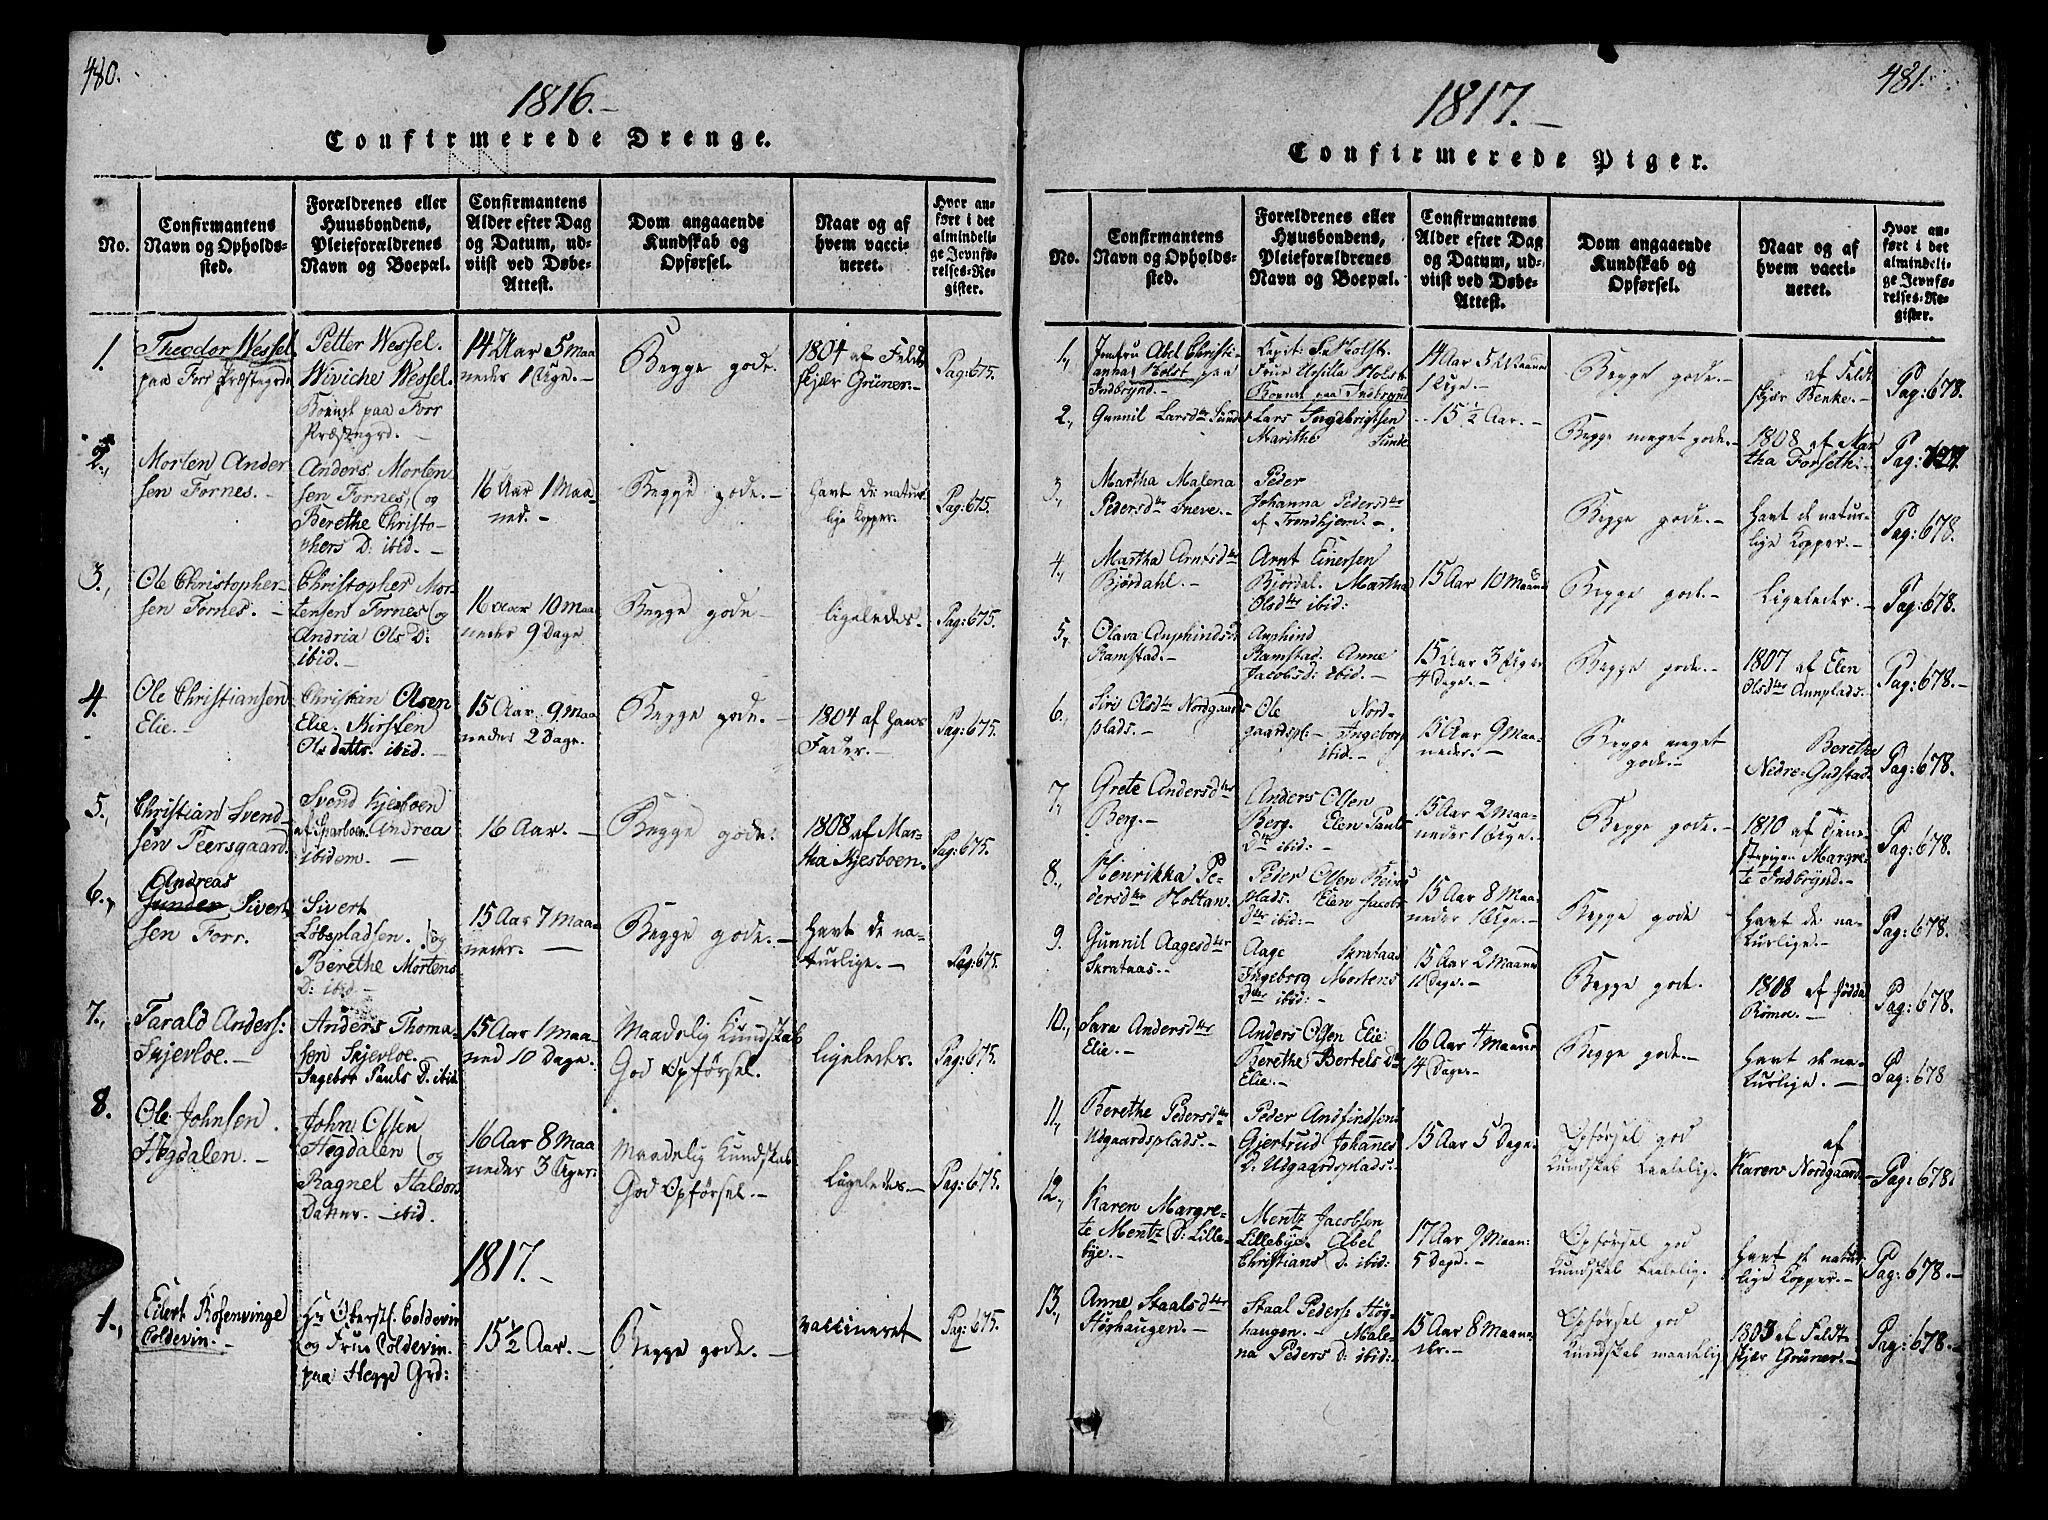 SAT, Ministerialprotokoller, klokkerbøker og fødselsregistre - Nord-Trøndelag, 746/L0441: Ministerialbok nr. 746A03 /1, 1816-1827, s. 480-481